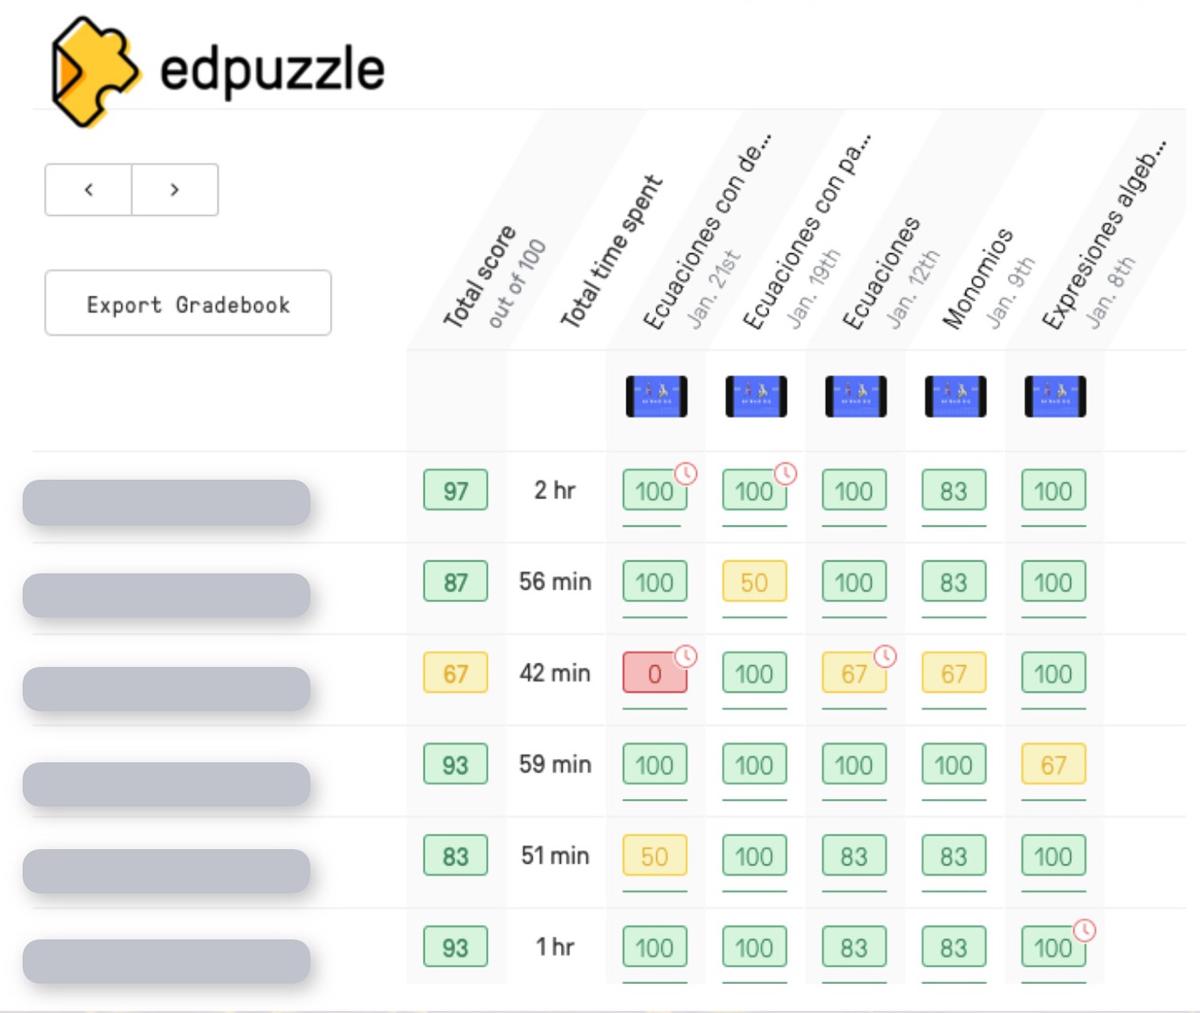 Resultados de Edpuzzle después de que los alumnos hayan visto los vídeos.